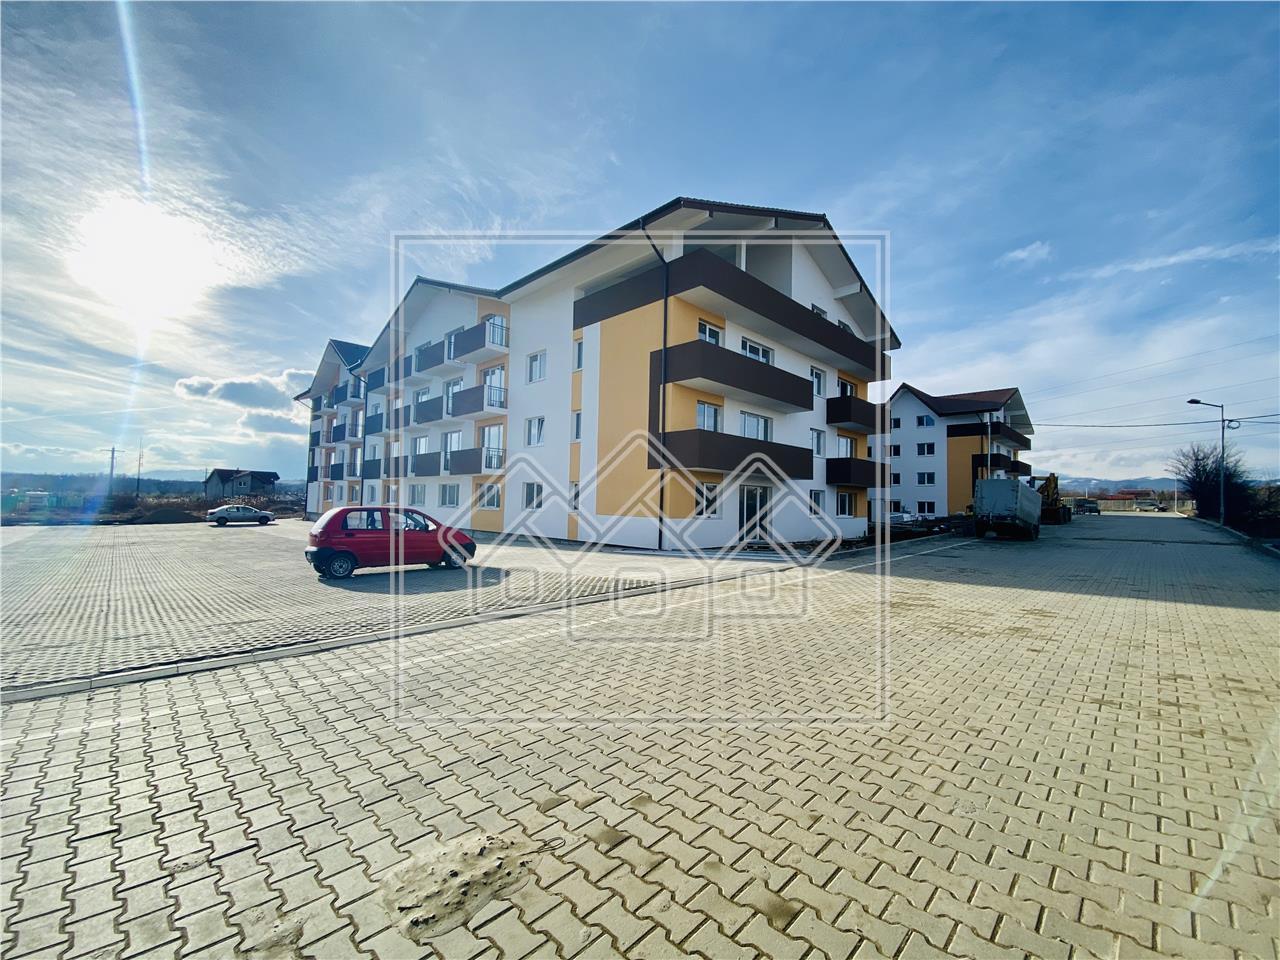 Spatiu comercial de inchiriat in Sibiu - 3 incaperi - 60 mp utili